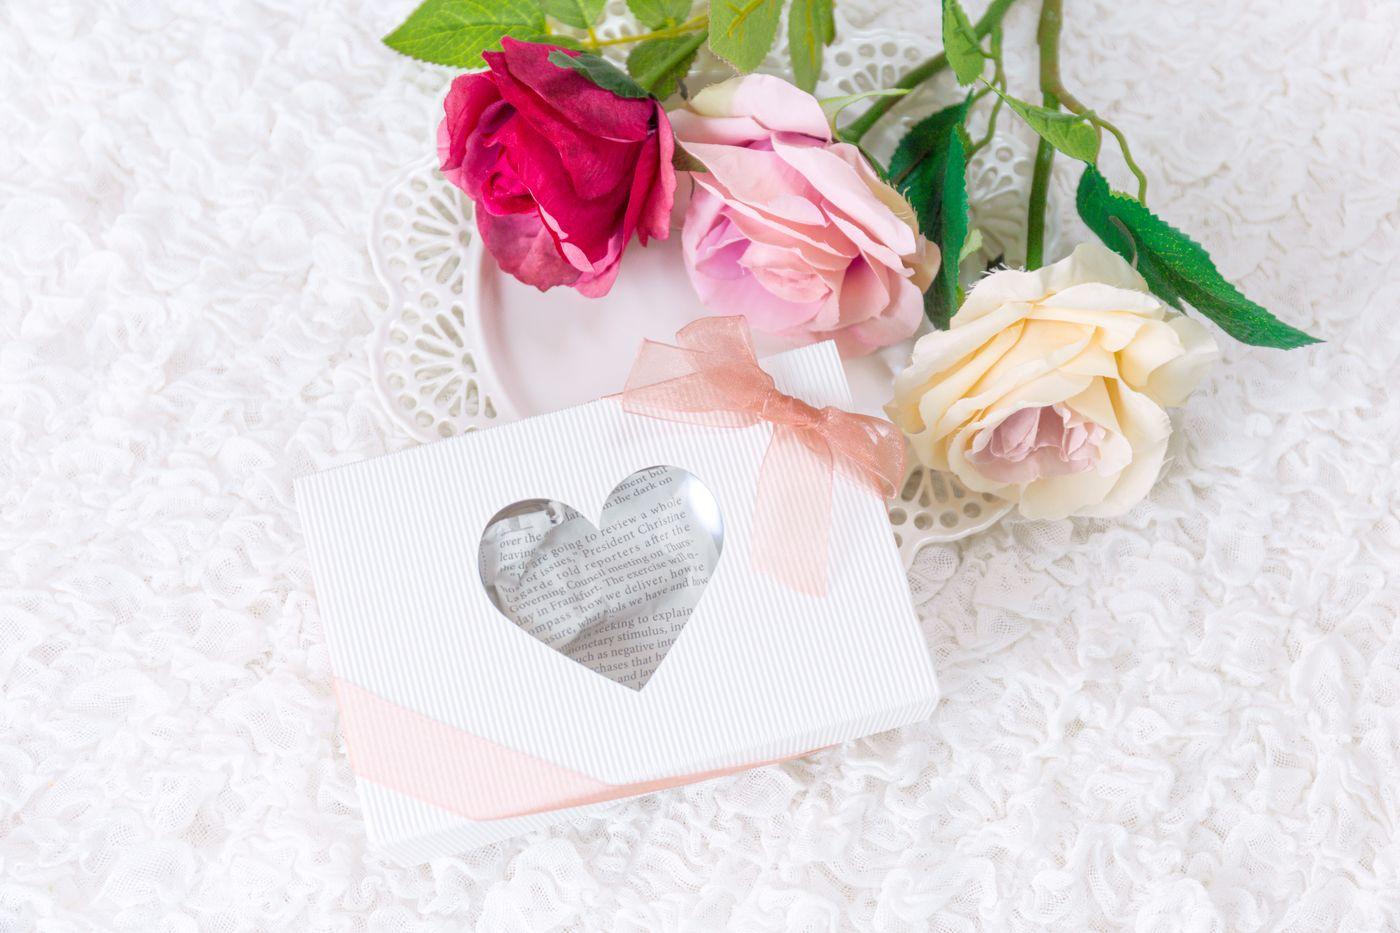 バラの花と告白のプレゼントの写真